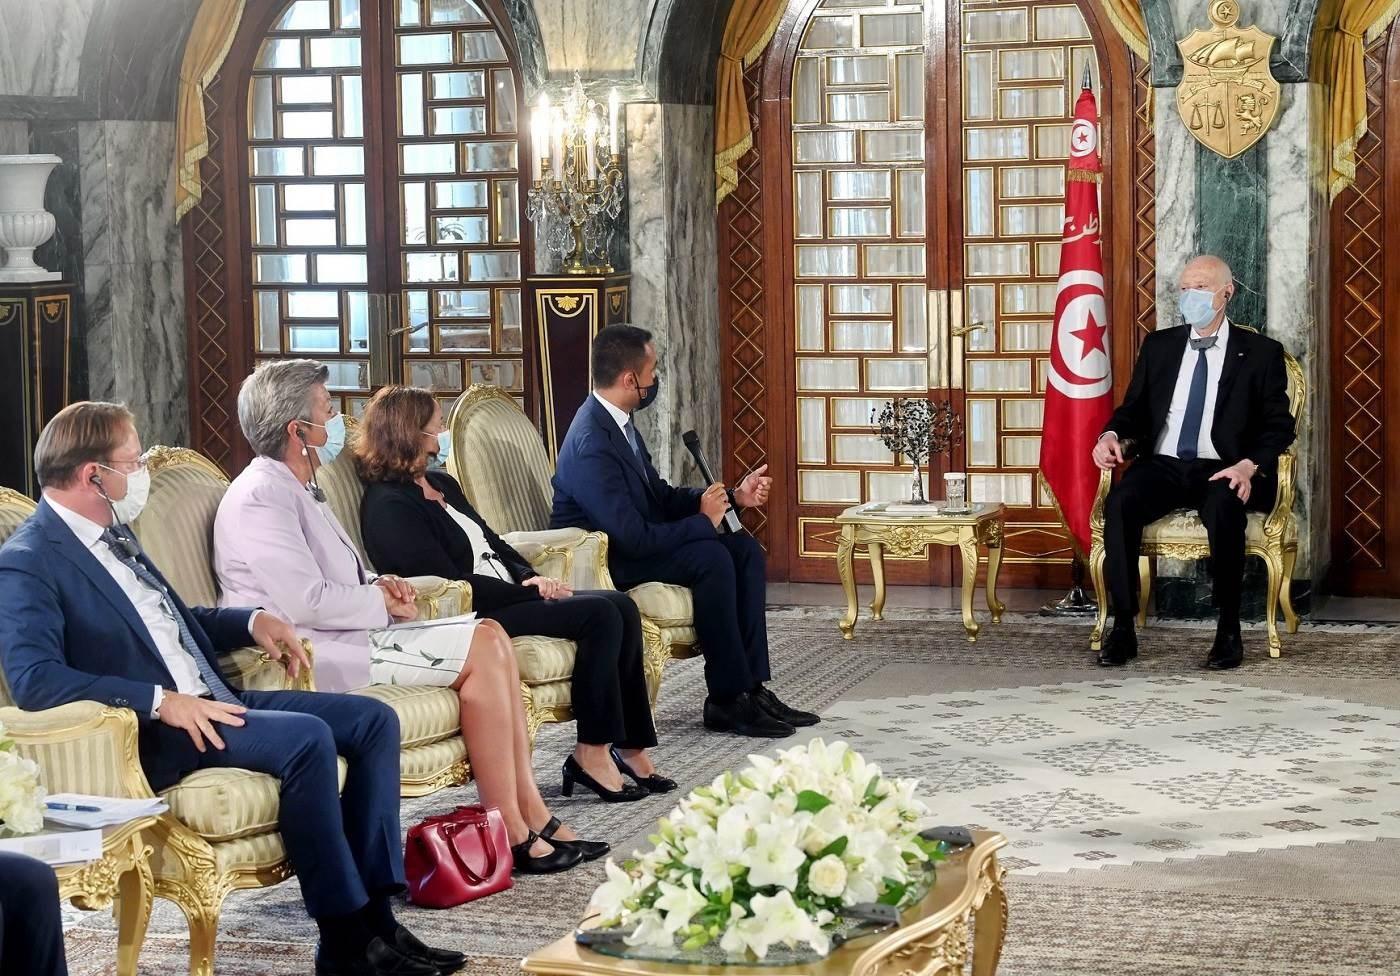 وزير الخارجية الإيطالي في تونس للتشاور بشأن الهجرة غير القانونية